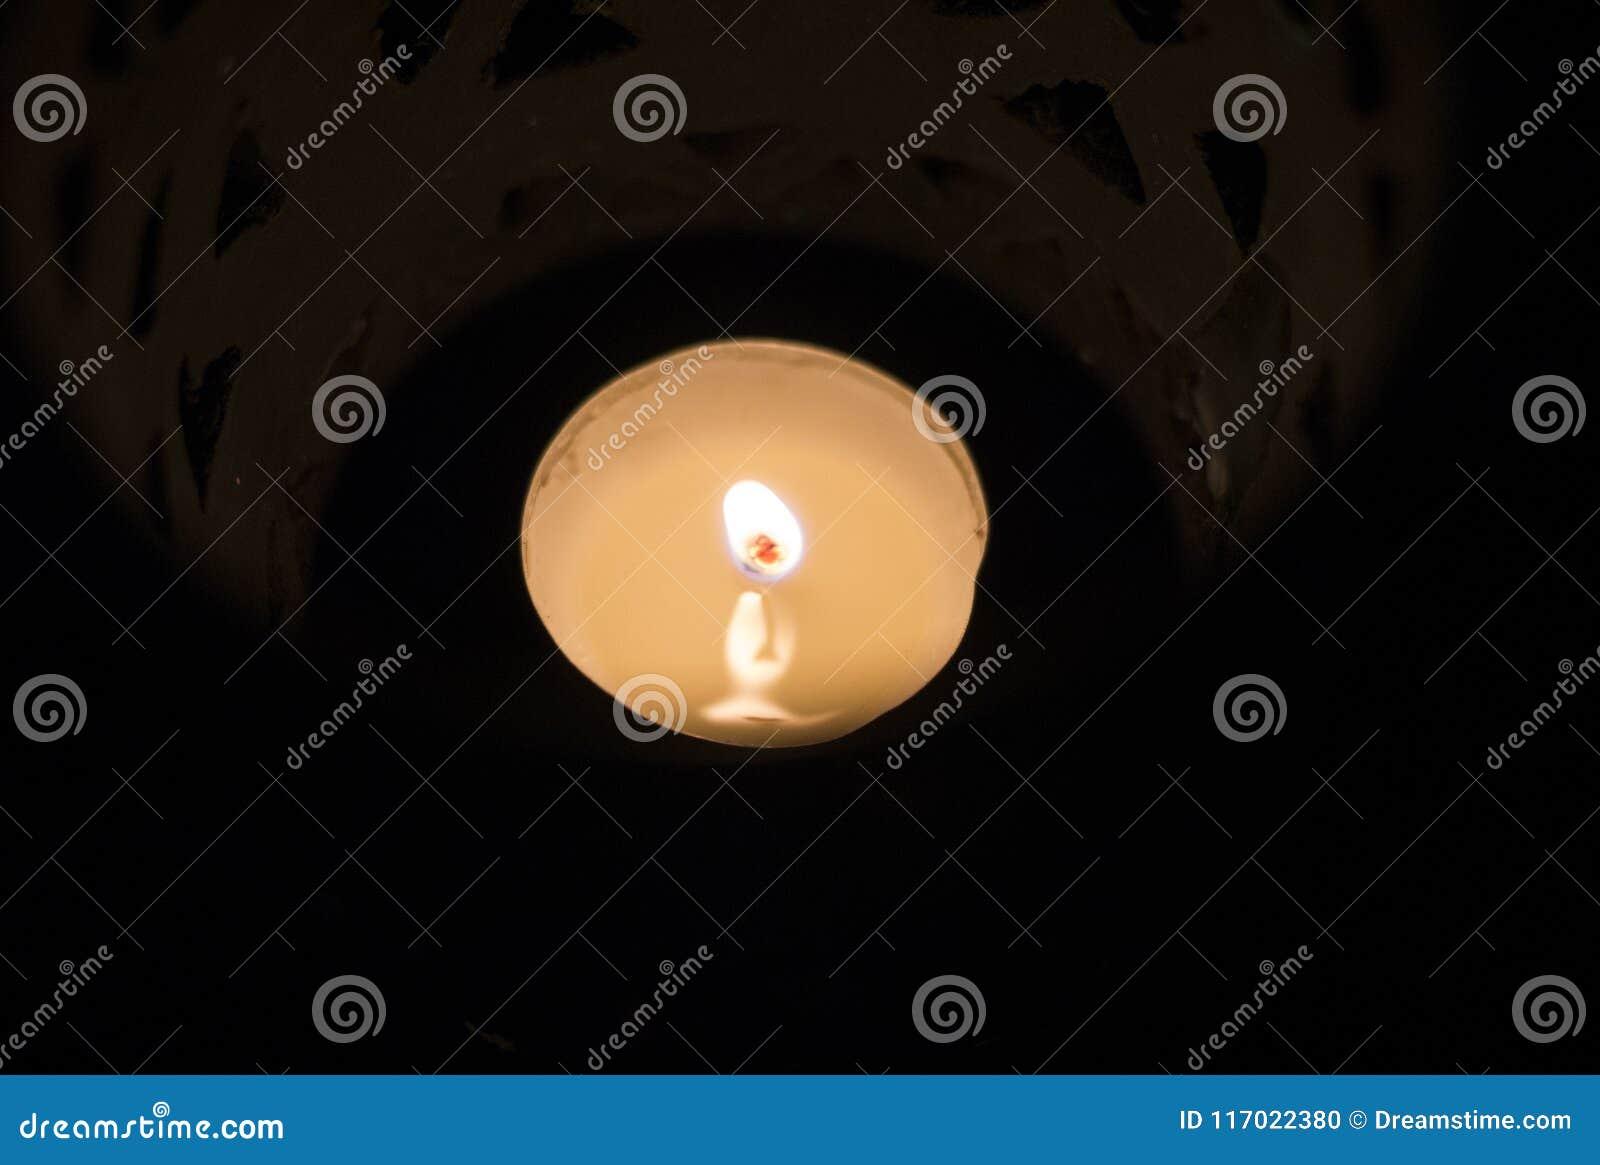 Να καταπλήξει κοντά επάνω των αναμμένων κεριών σε έναν όμορφο μπλε κάτοχο κεριών